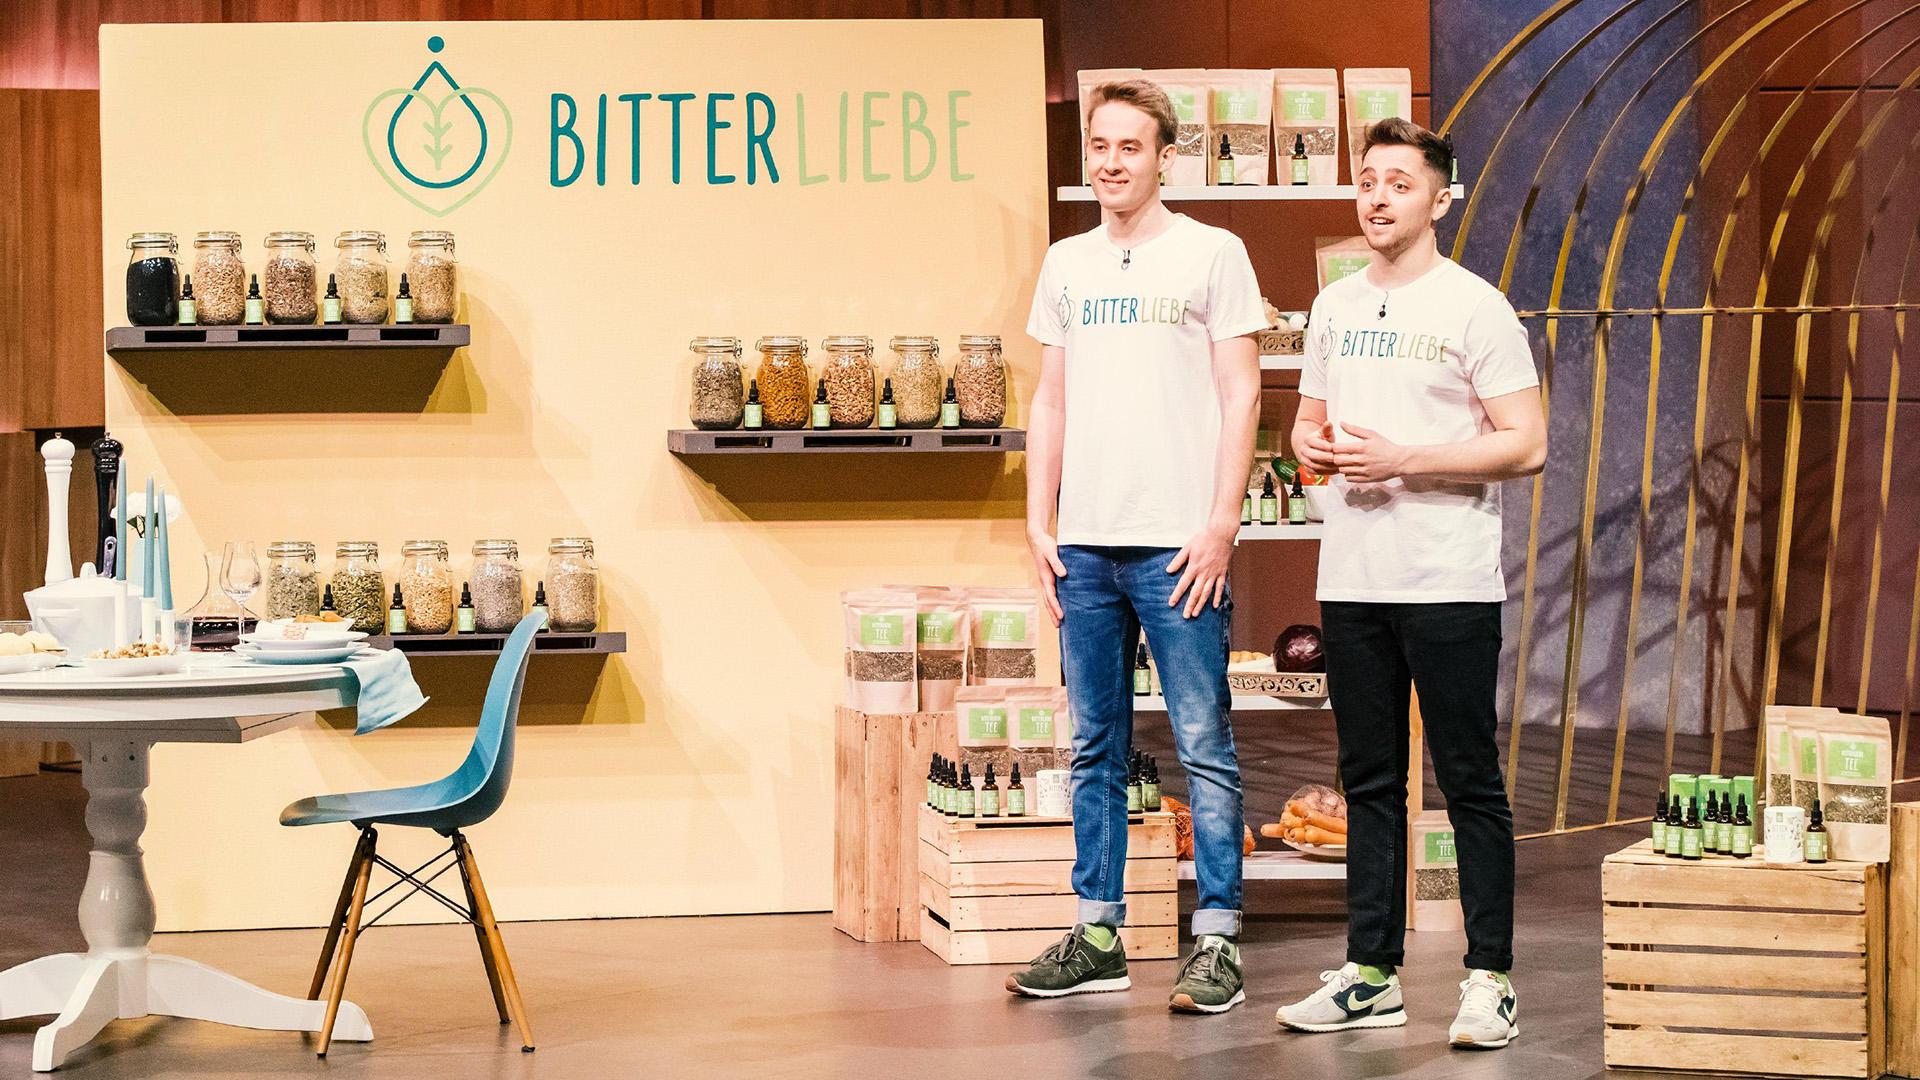 U.a. mit: BitterLiebe aus Mannheim | Folge 6